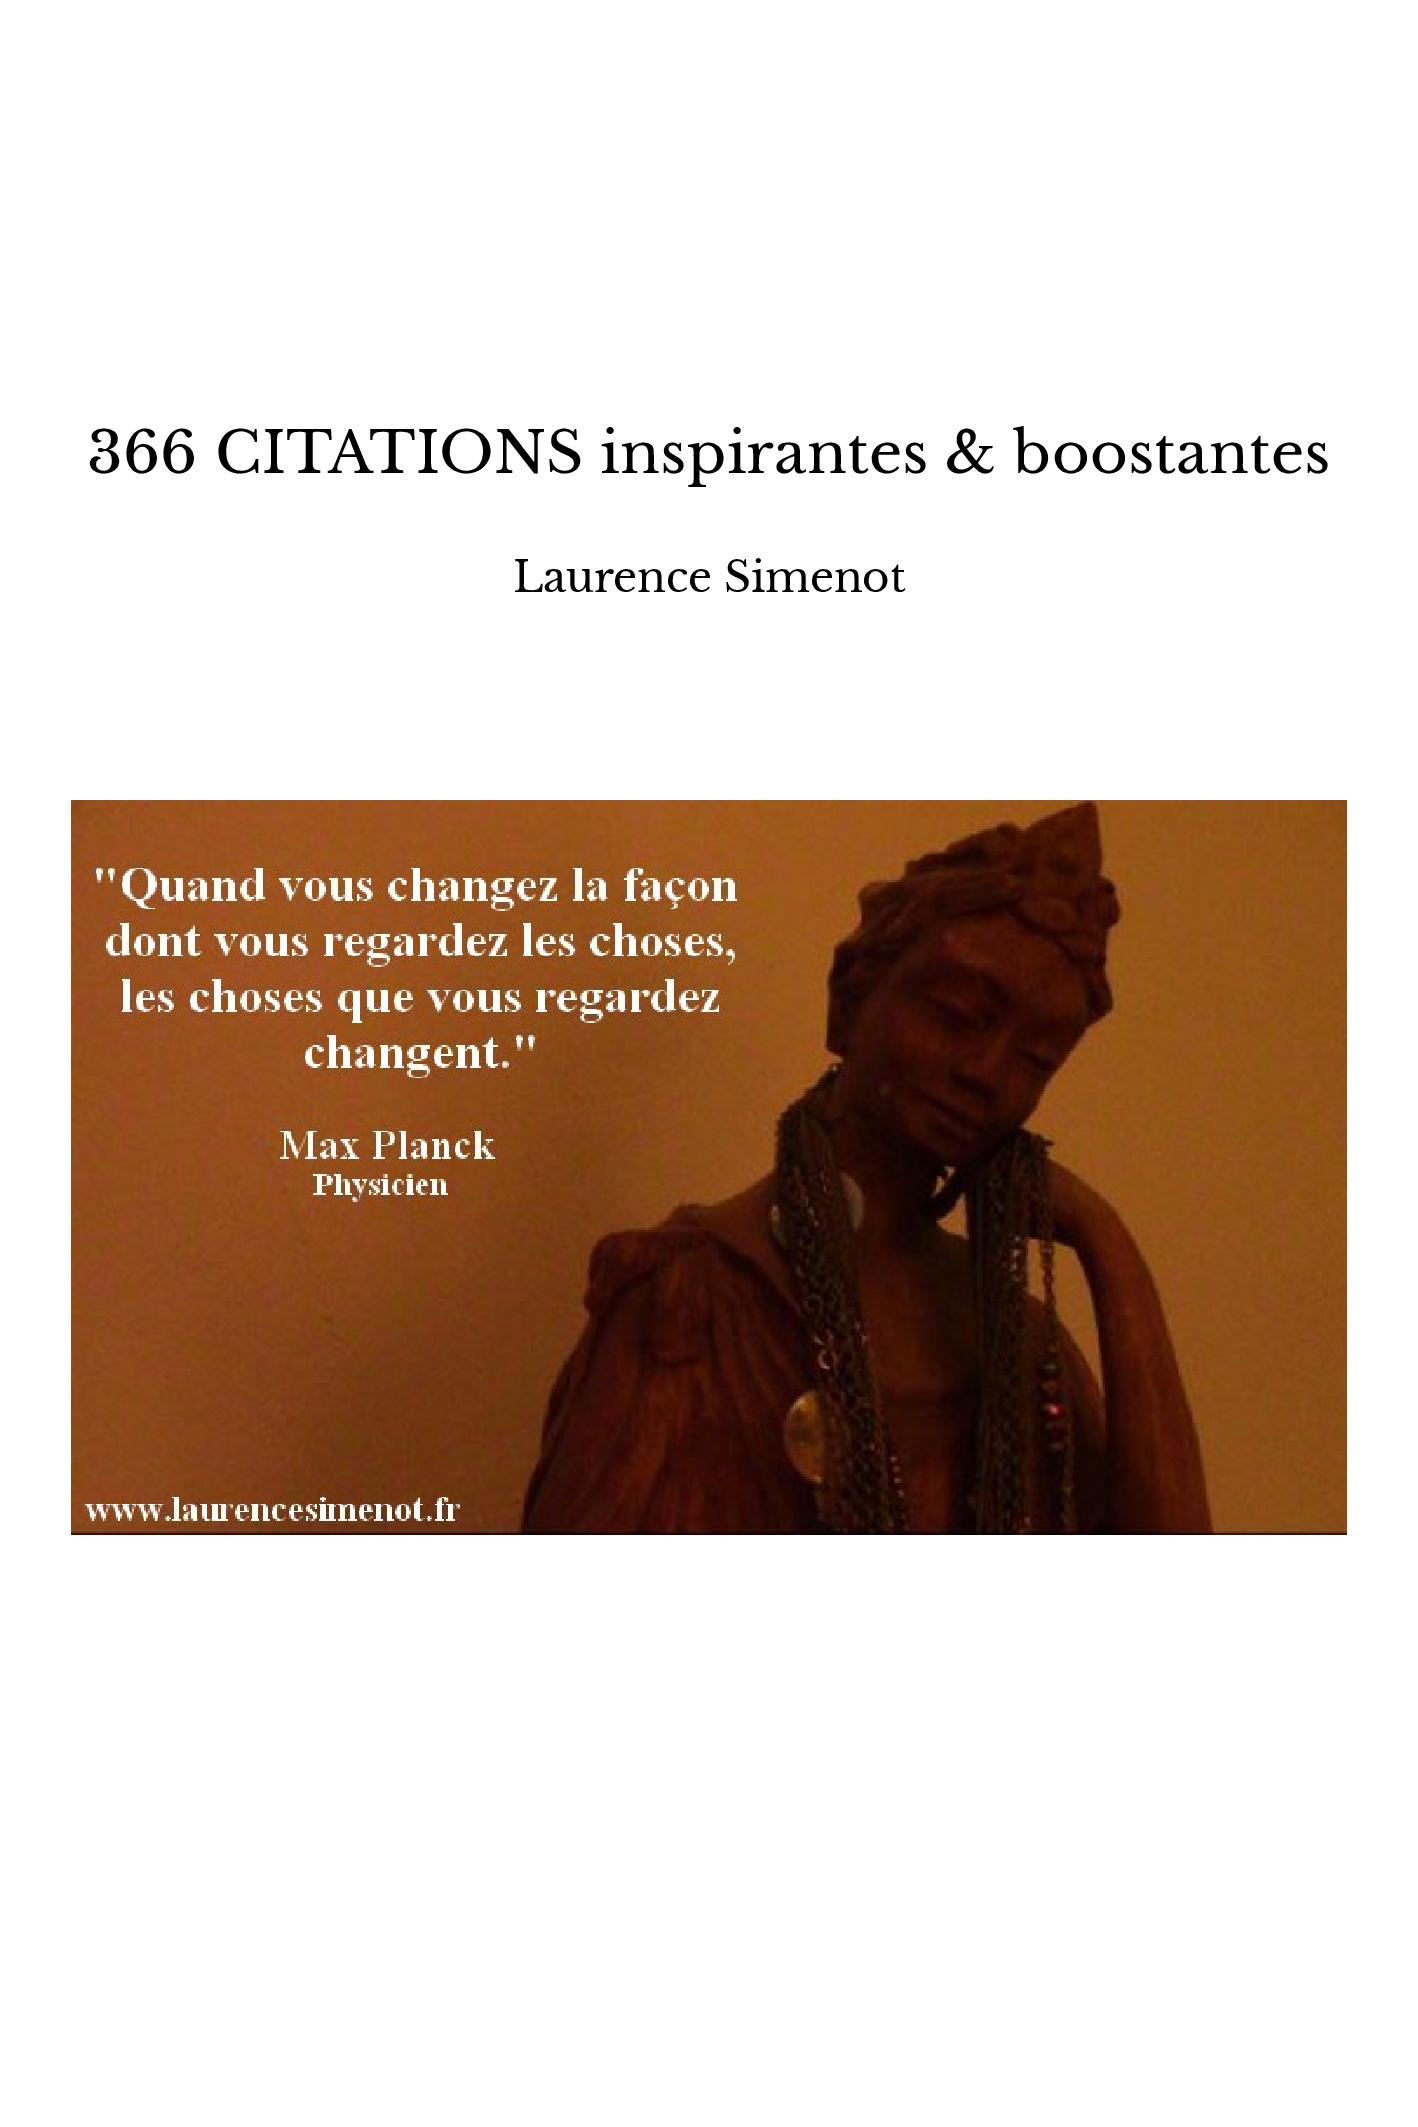 366 CITATIONS inspirantes & boostantes